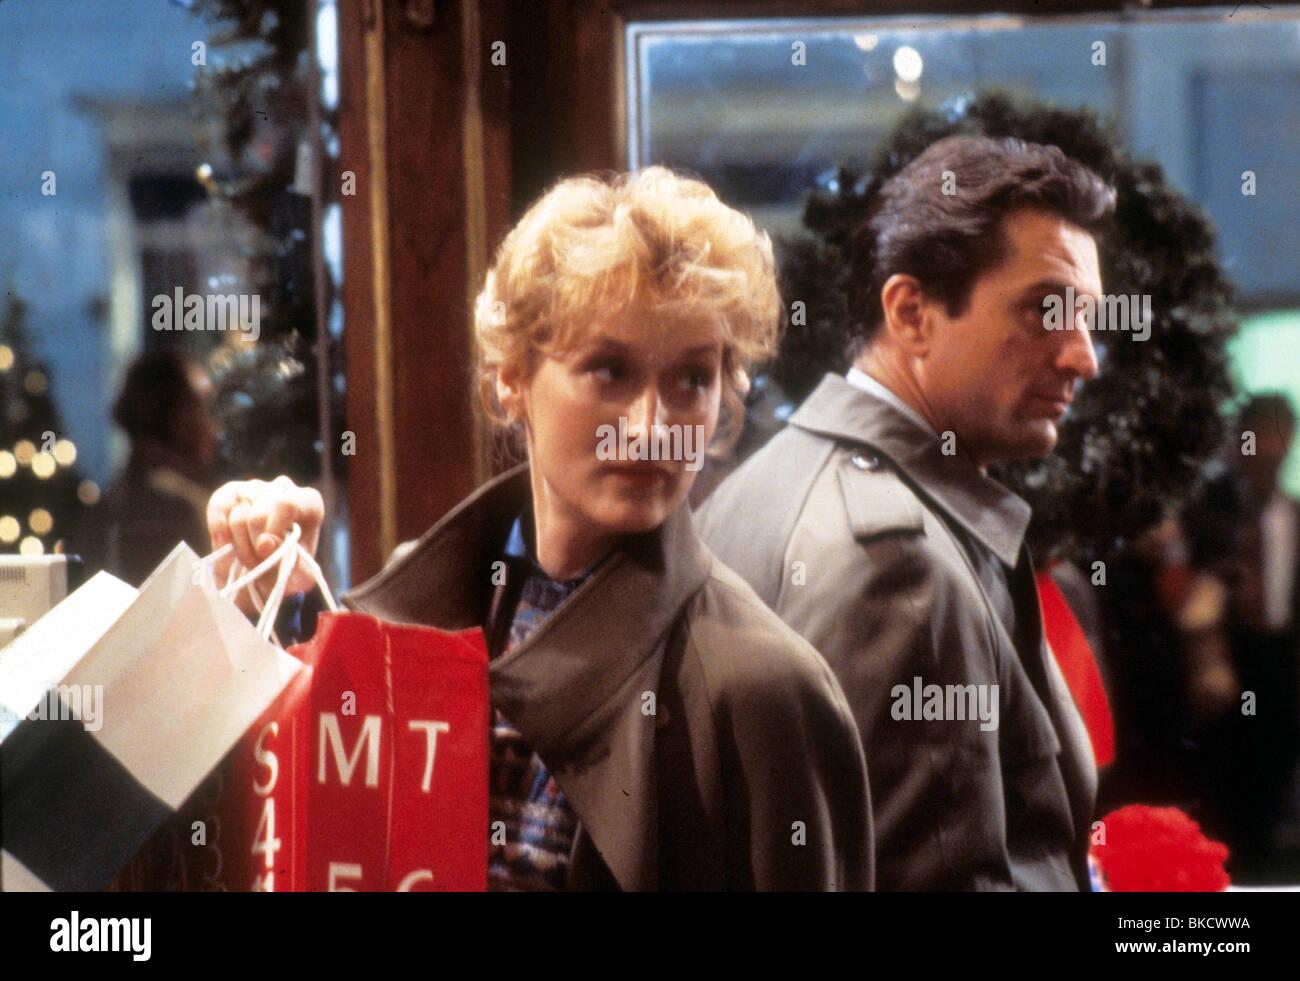 FALLING IN LOVE (1984) MERYL STREEP, ROBERT DE NIRO FIL 030 - Stock Image